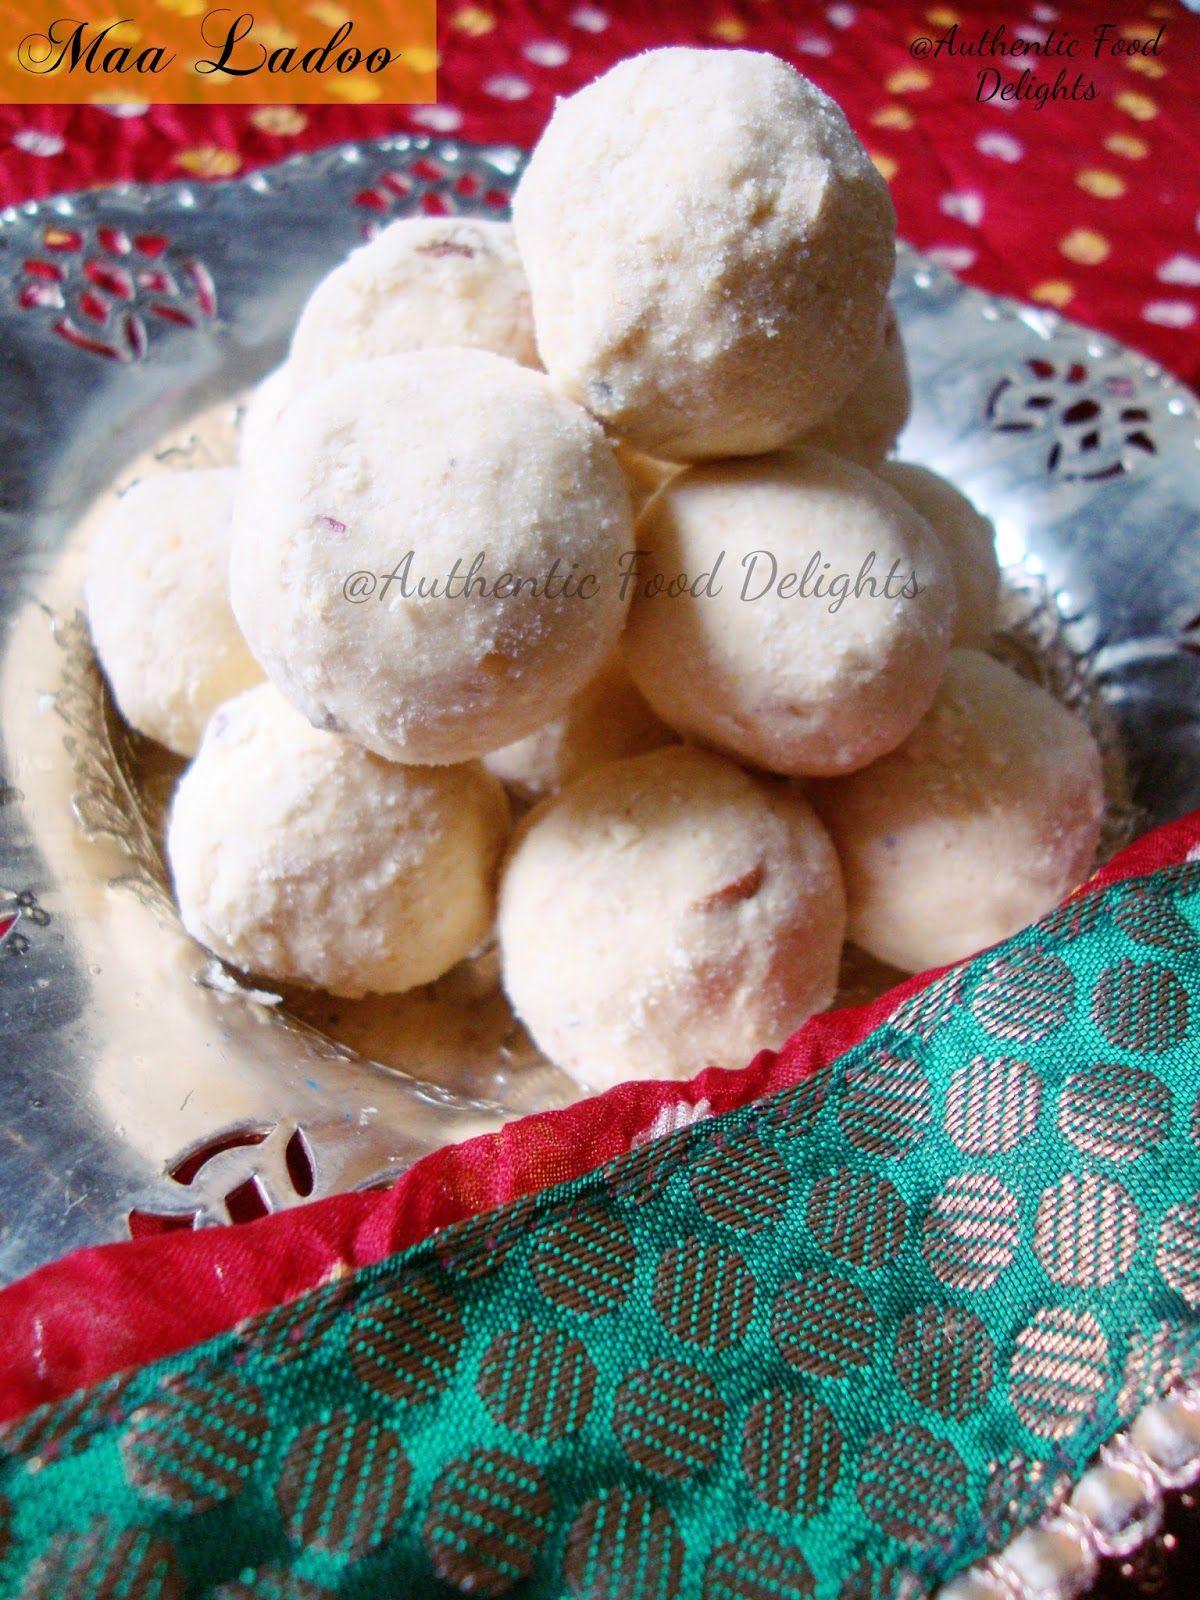 Authentic Food Delights: Maa Ladoo